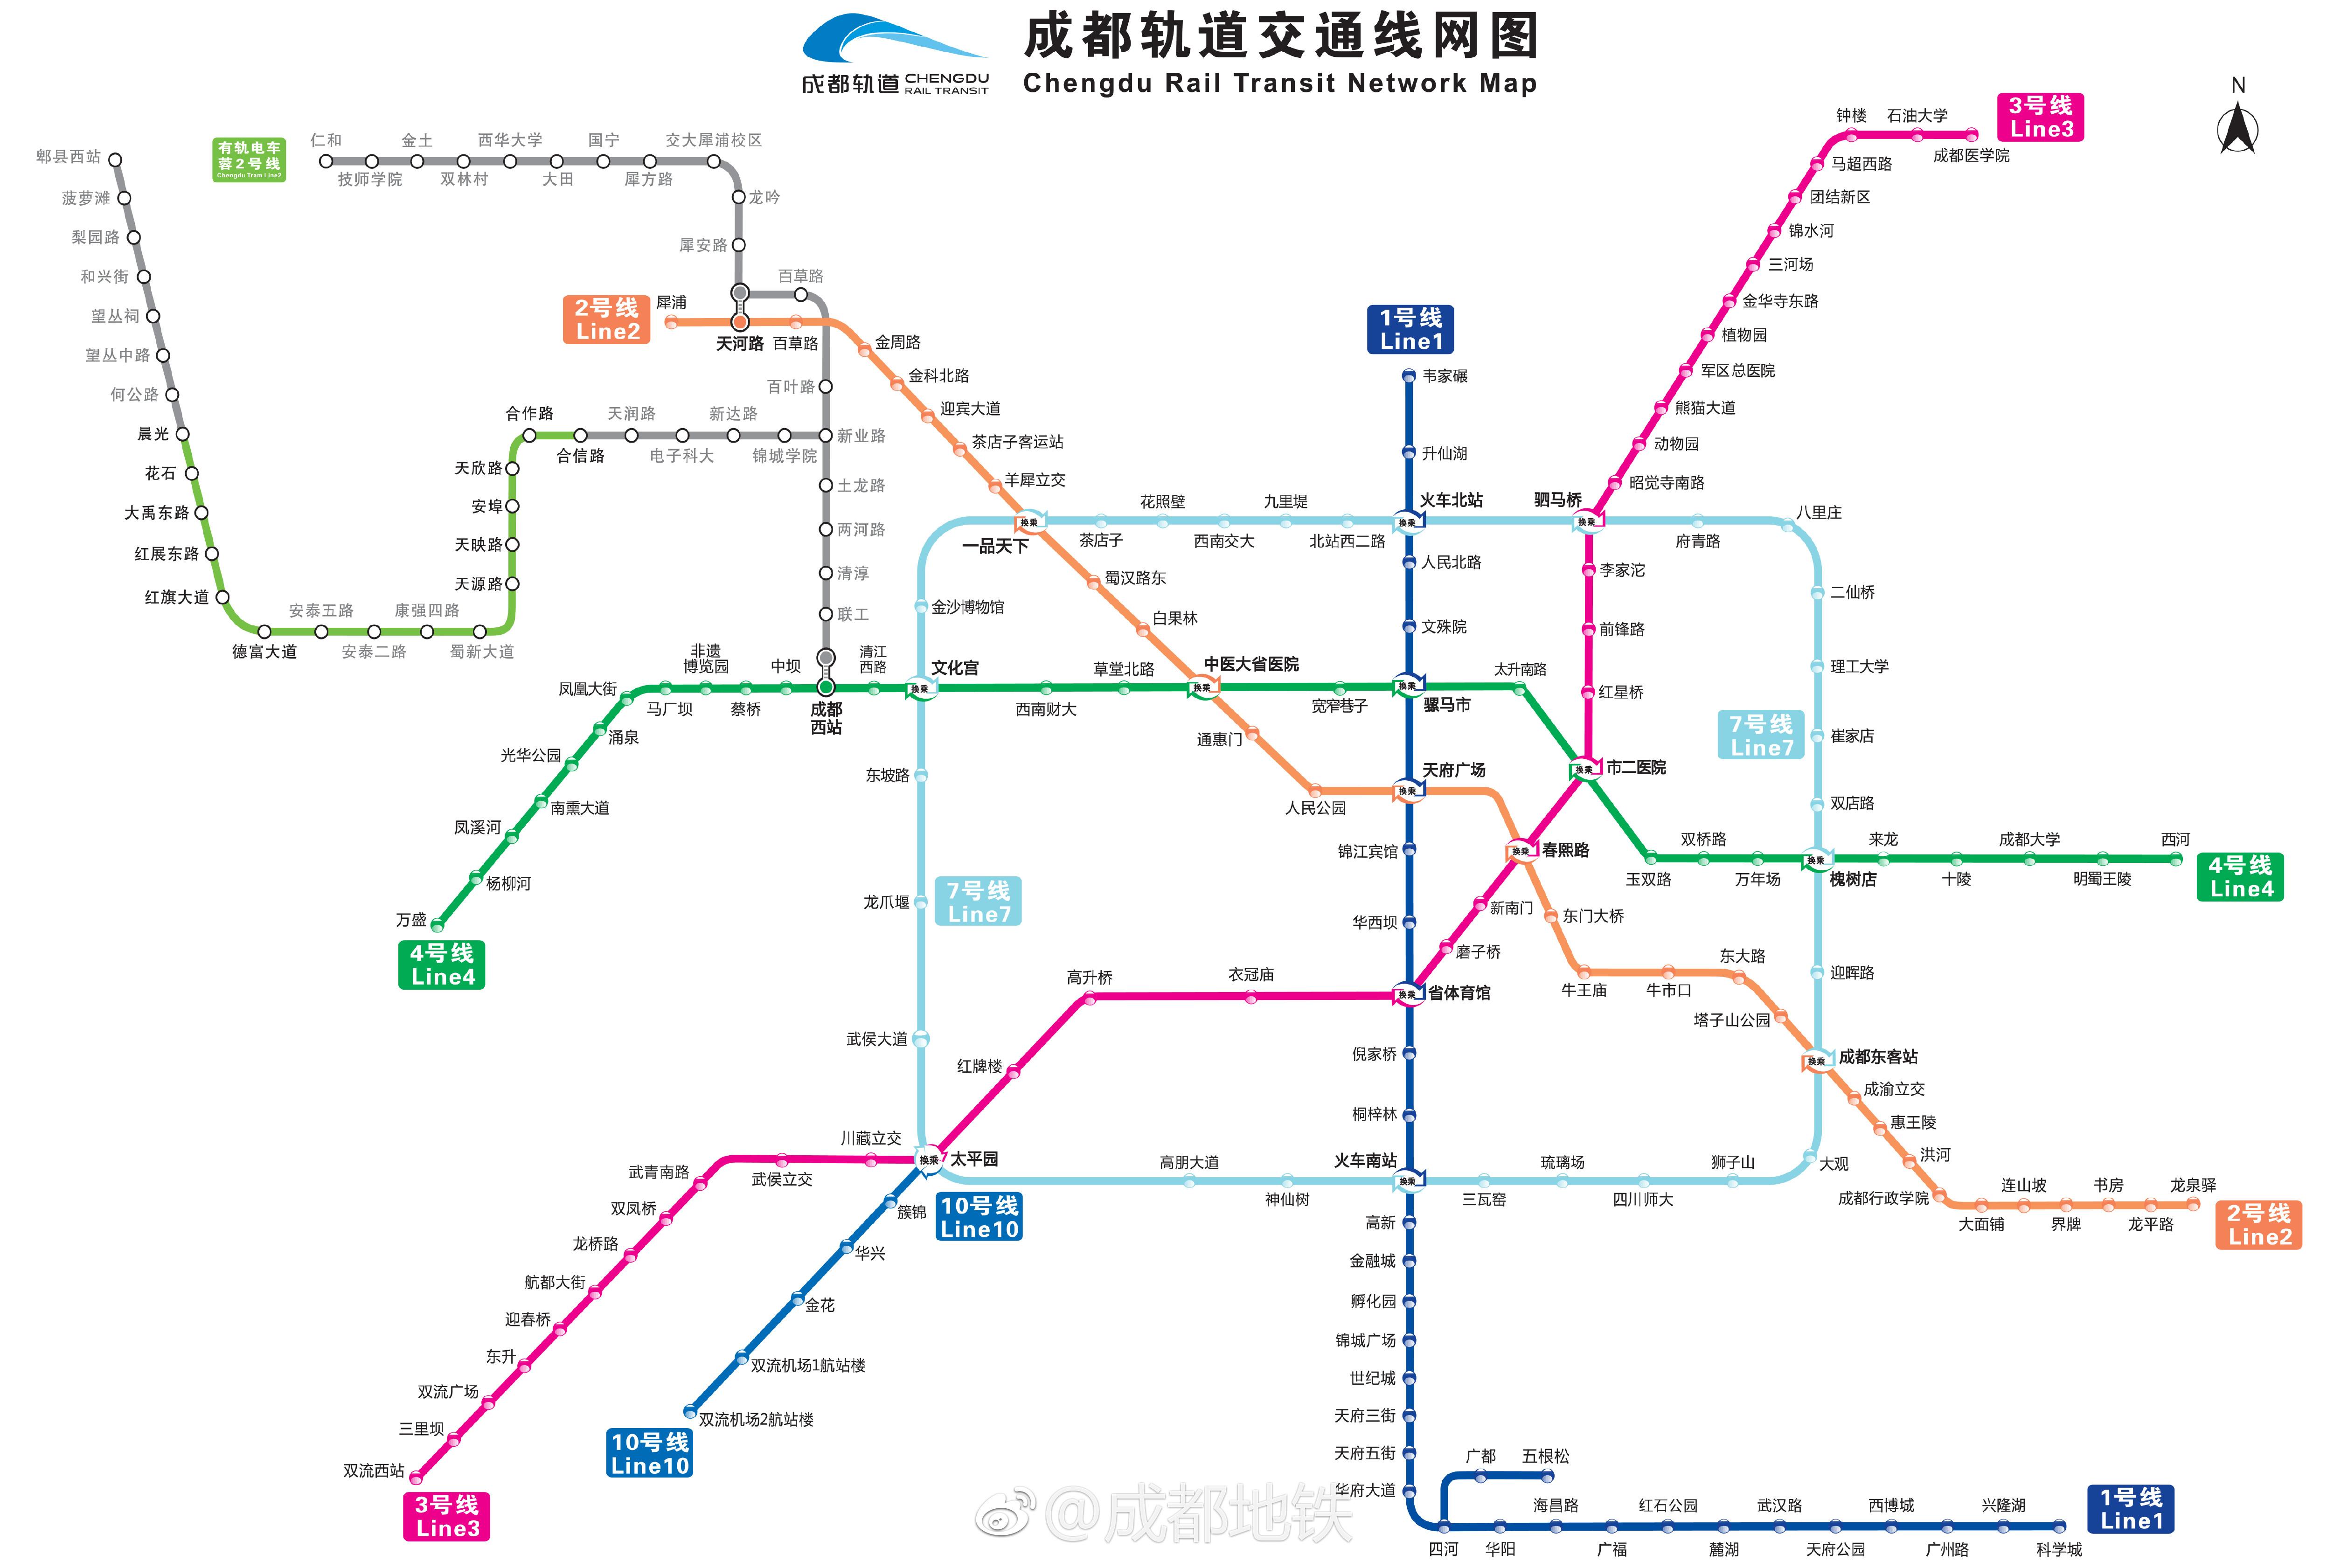 成都已经开通地铁线路图(高清图)